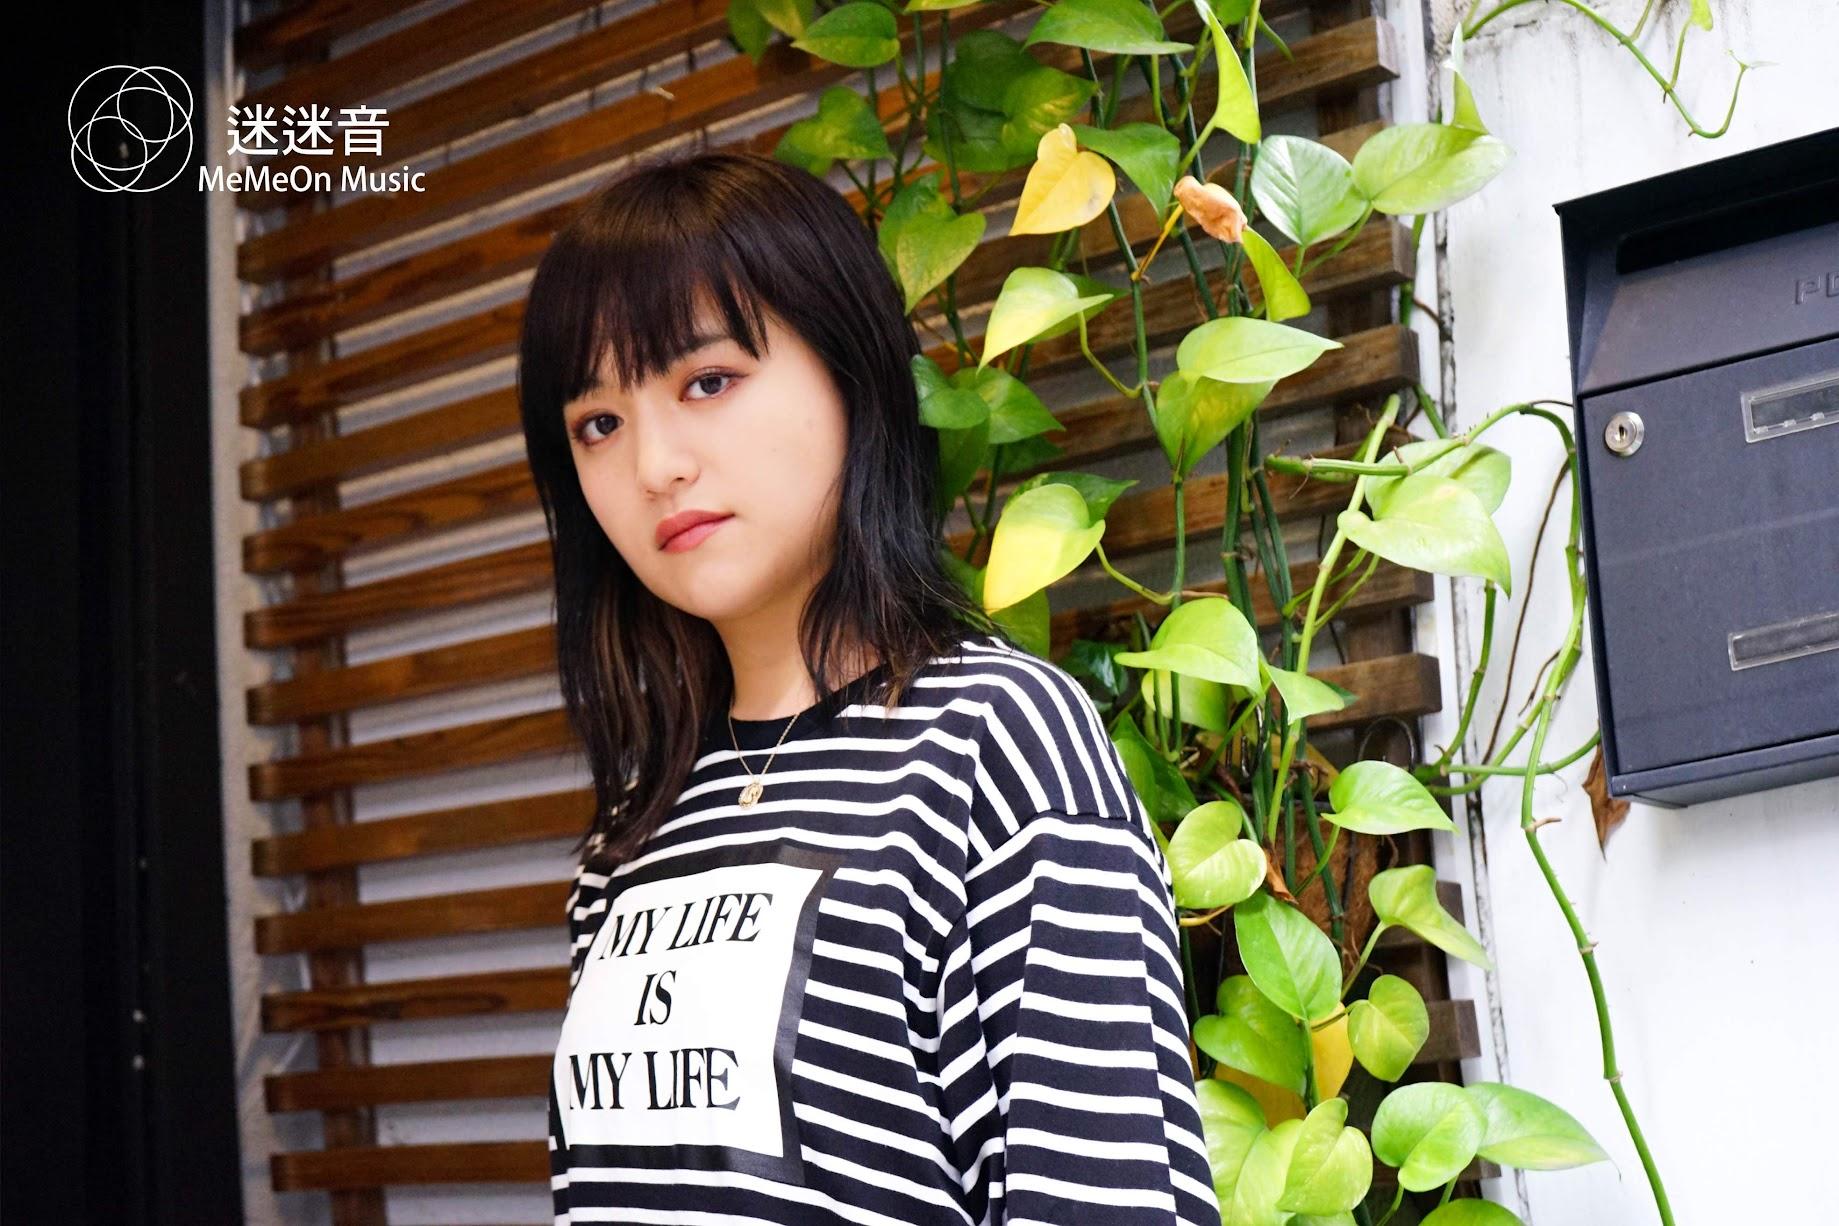 【迷迷專訪】日本靈魂歌姬 iri  透露小時候